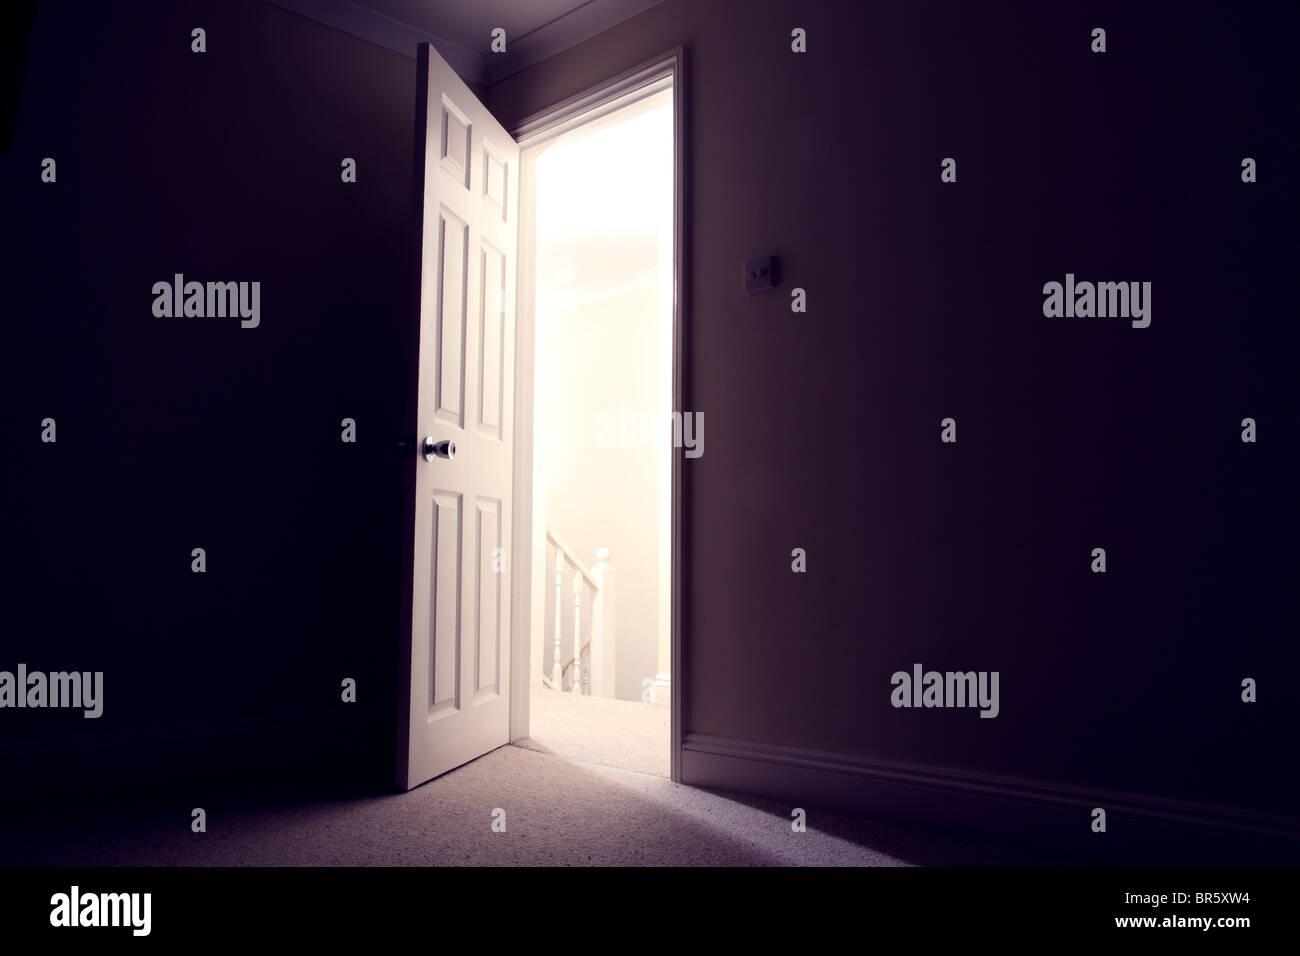 Dark room with open door light streaming in Stock Photo Royalty